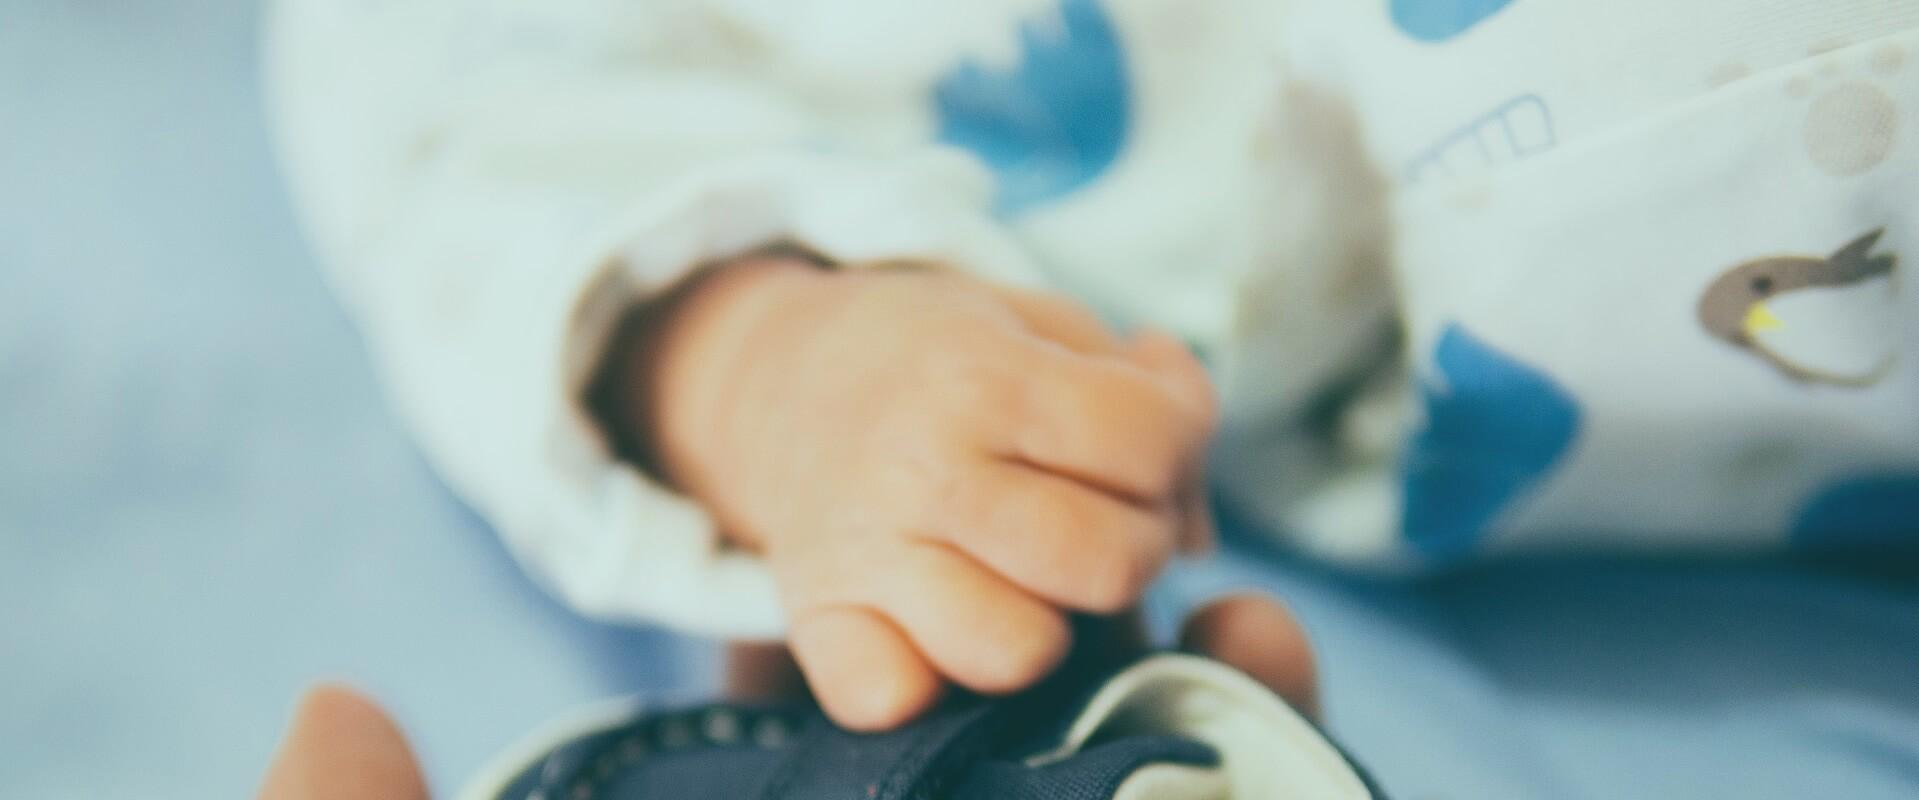 Een babyhandje dat een kinderschoentje vasthoudt